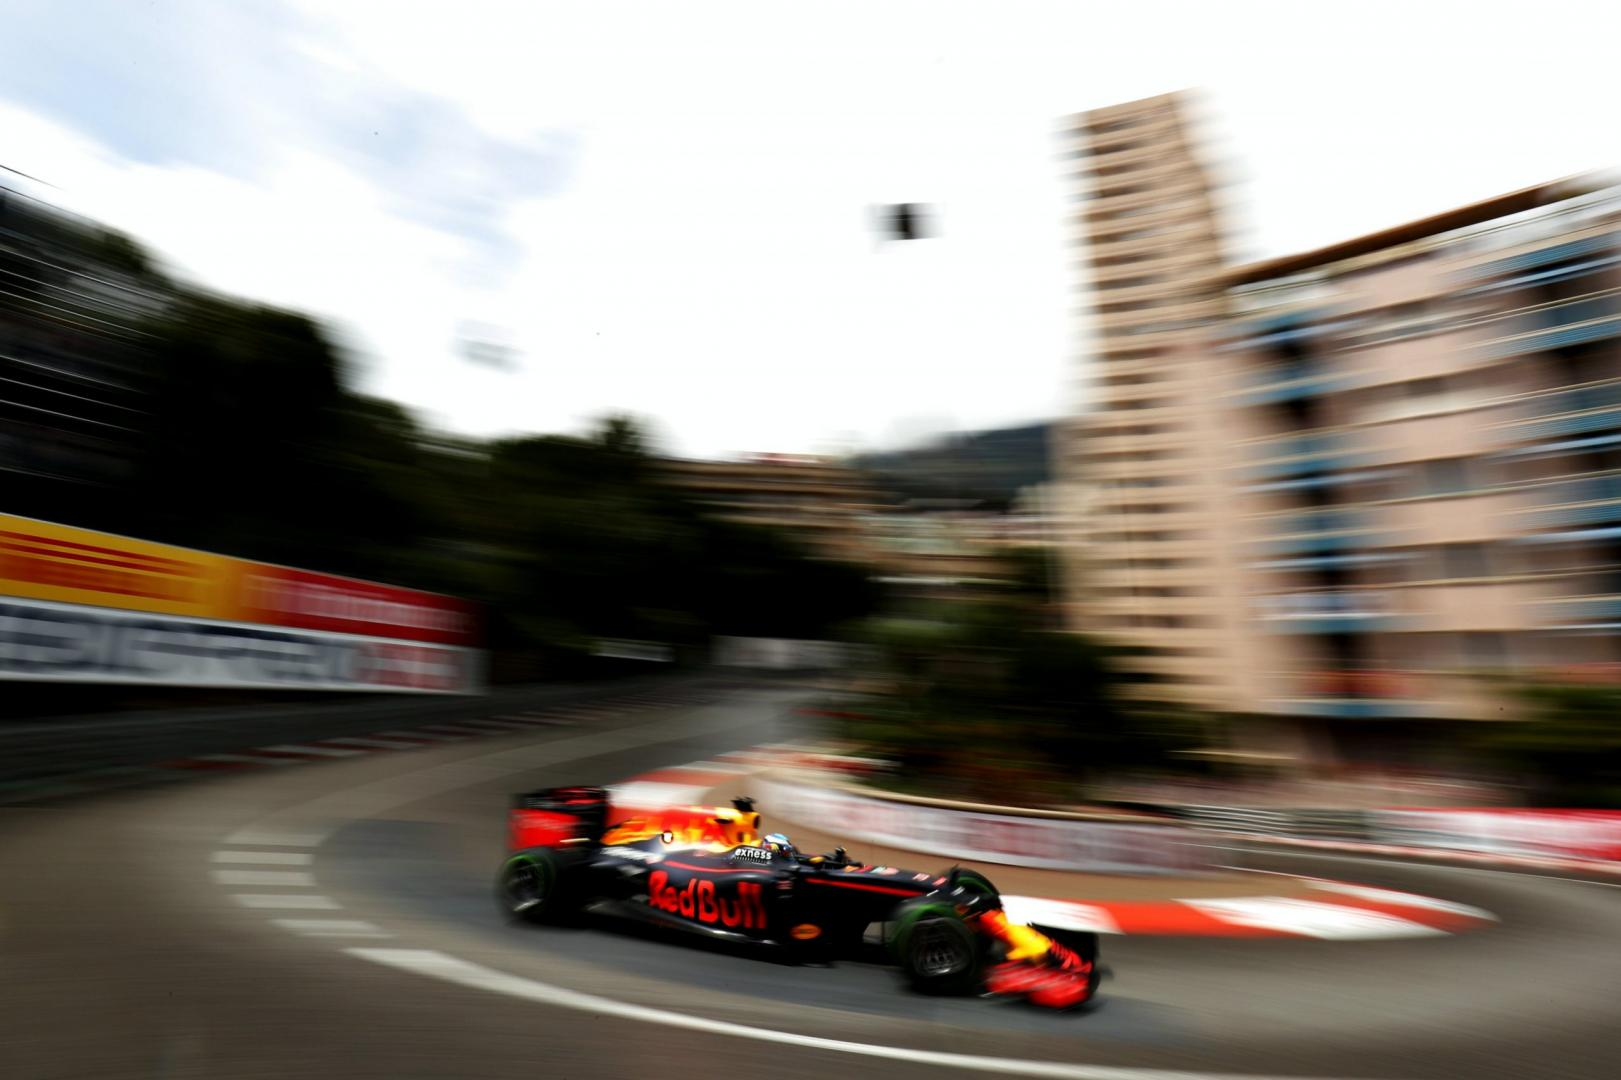 GP Monaco 2016 formule 1 daniel ricciardo